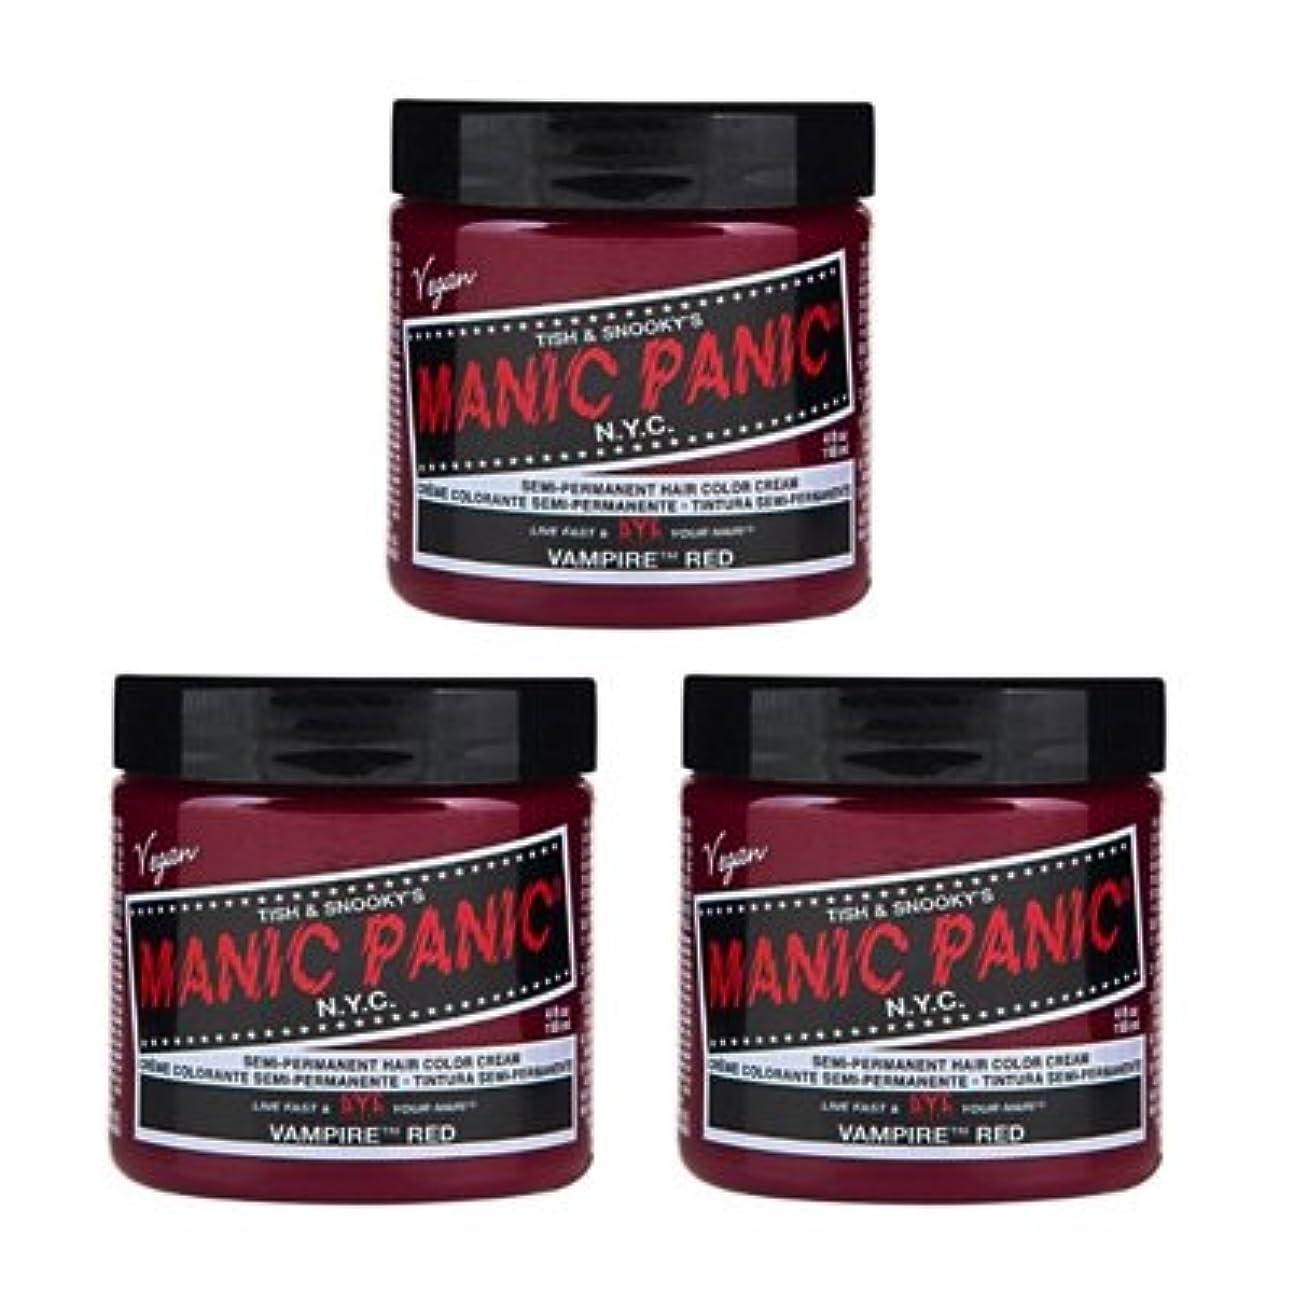 リズミカルな祖母ボス【3個セット】MANIC PANIC マニックパニック Vampire Red (ヴァンパイア?レッド) 118ml